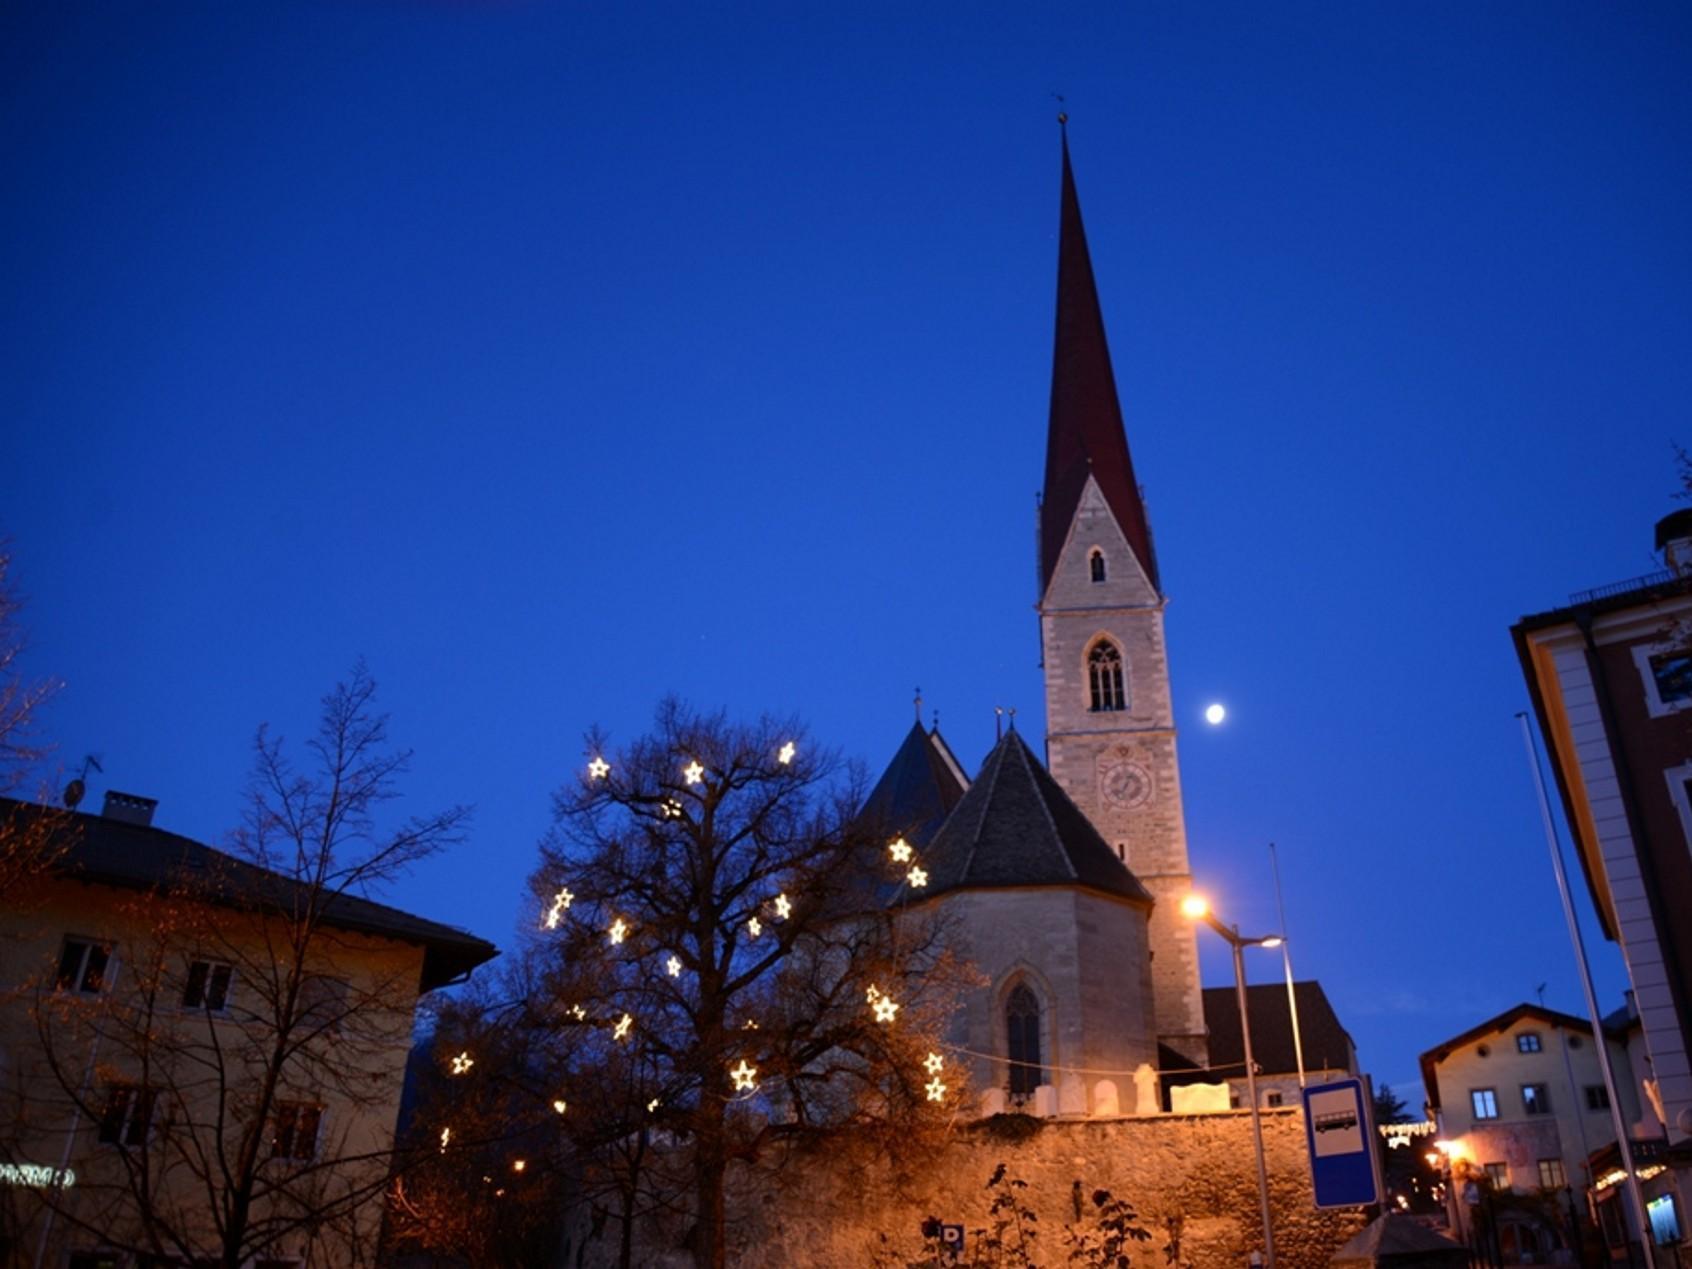 Winter Wonderland - Adventszeit in Schlanders